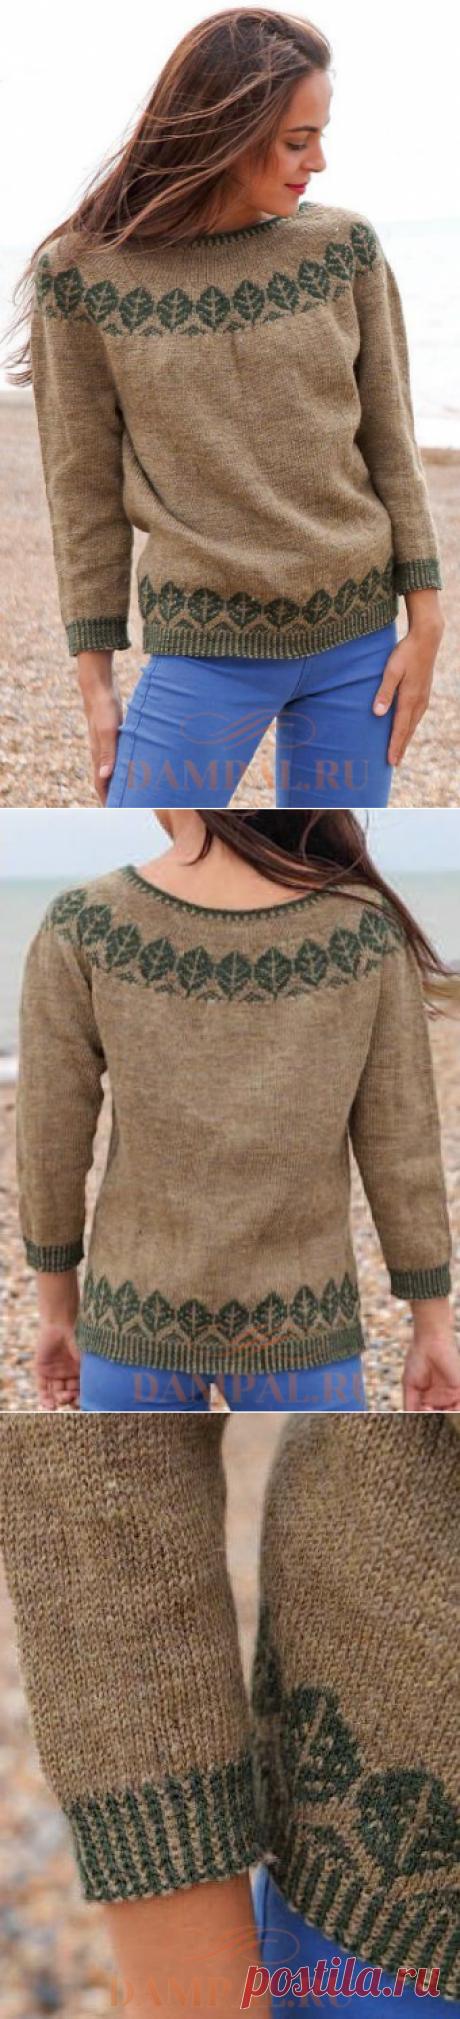 Пуловер с круглой кокеткой «Trees»   DAMские PALьчики. ru